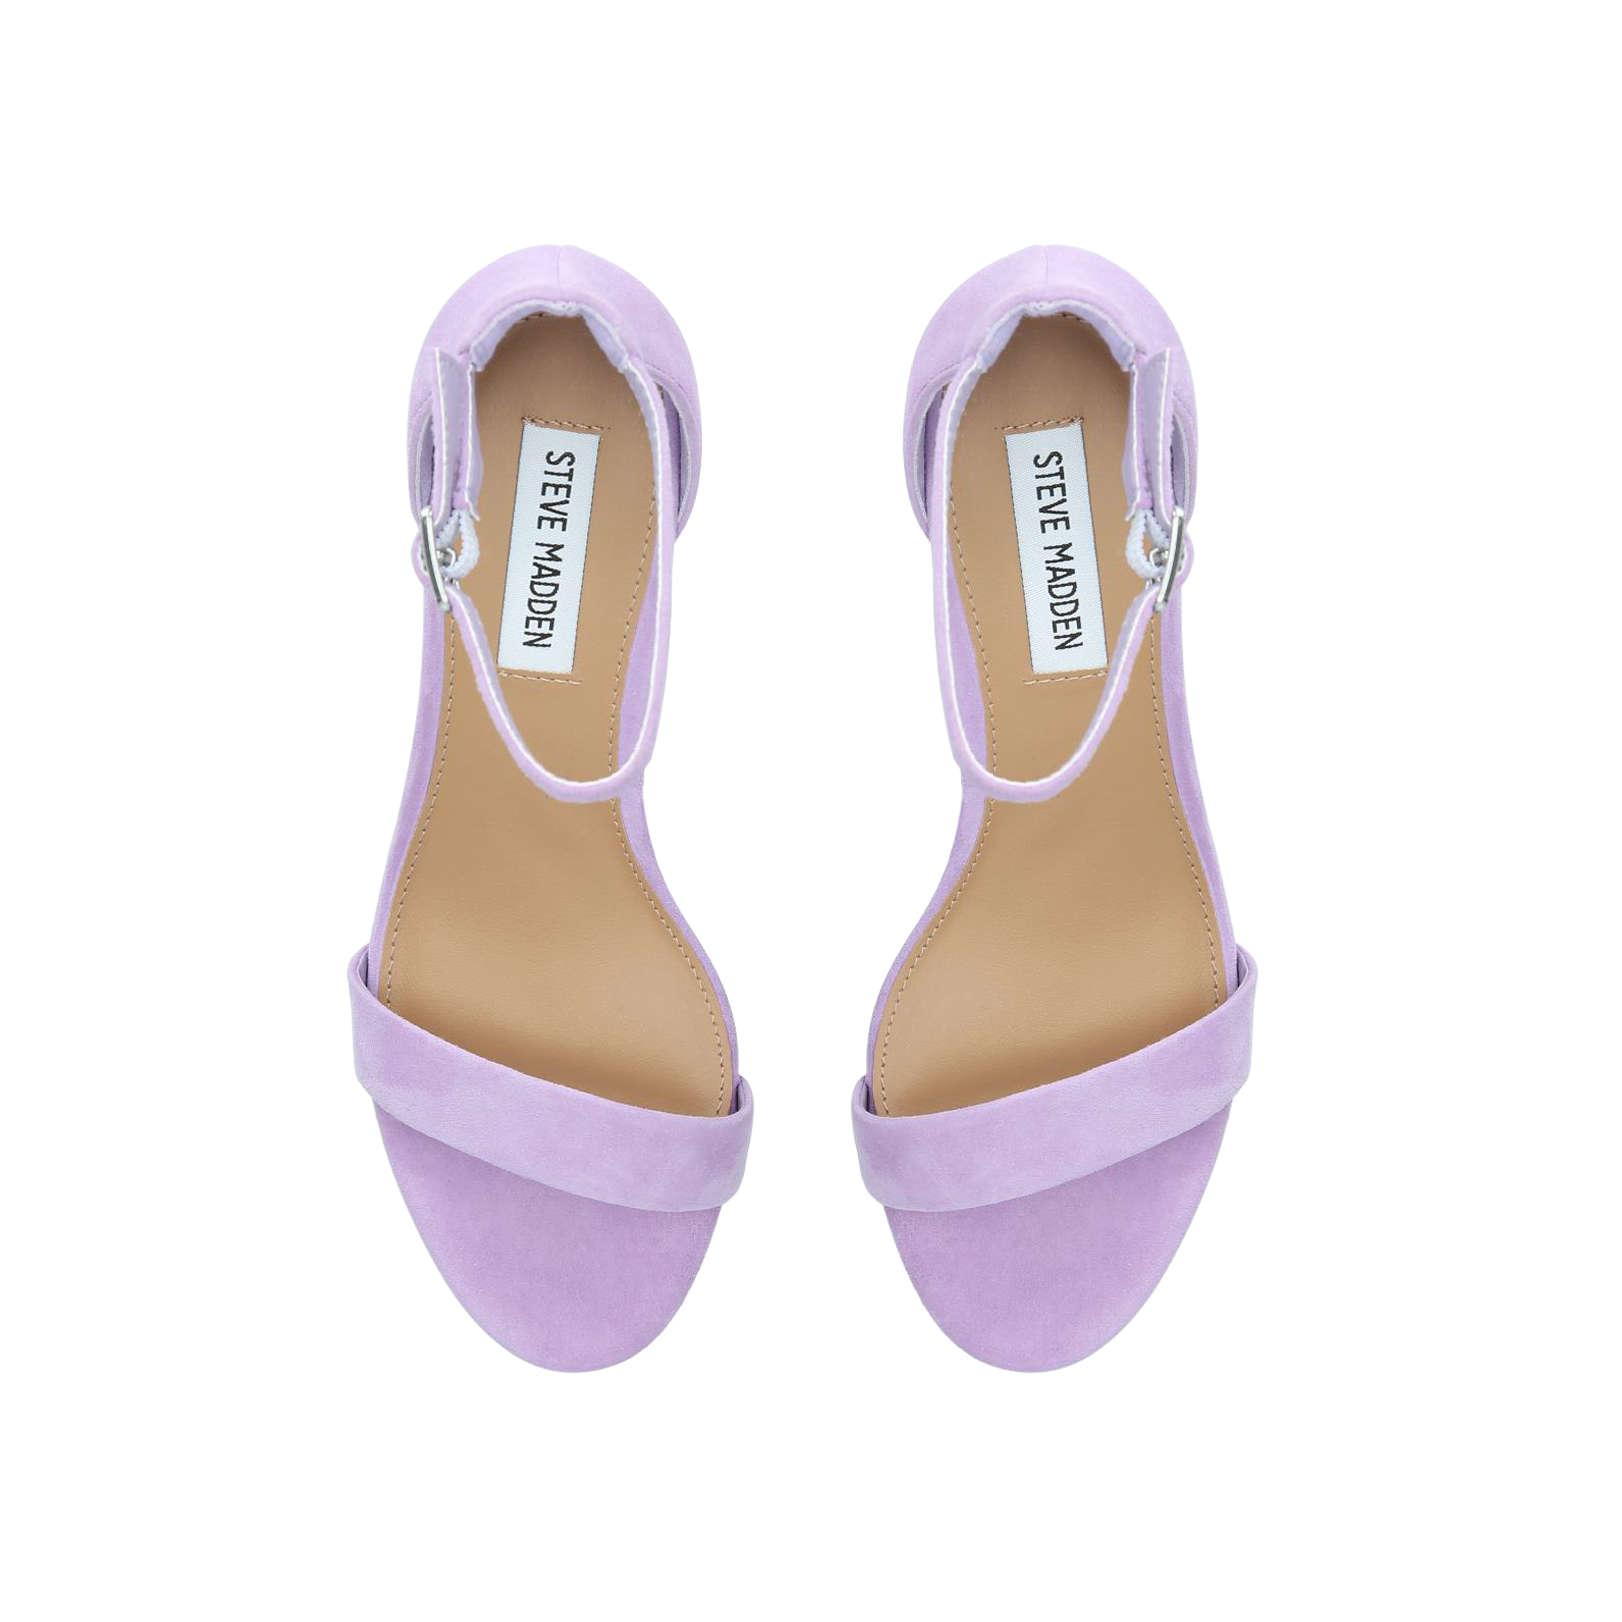 c6644b27f79 IRENEE Irenee Steve Madden Summer Medium Heel 21-55Mm Lilac by STEVE ...